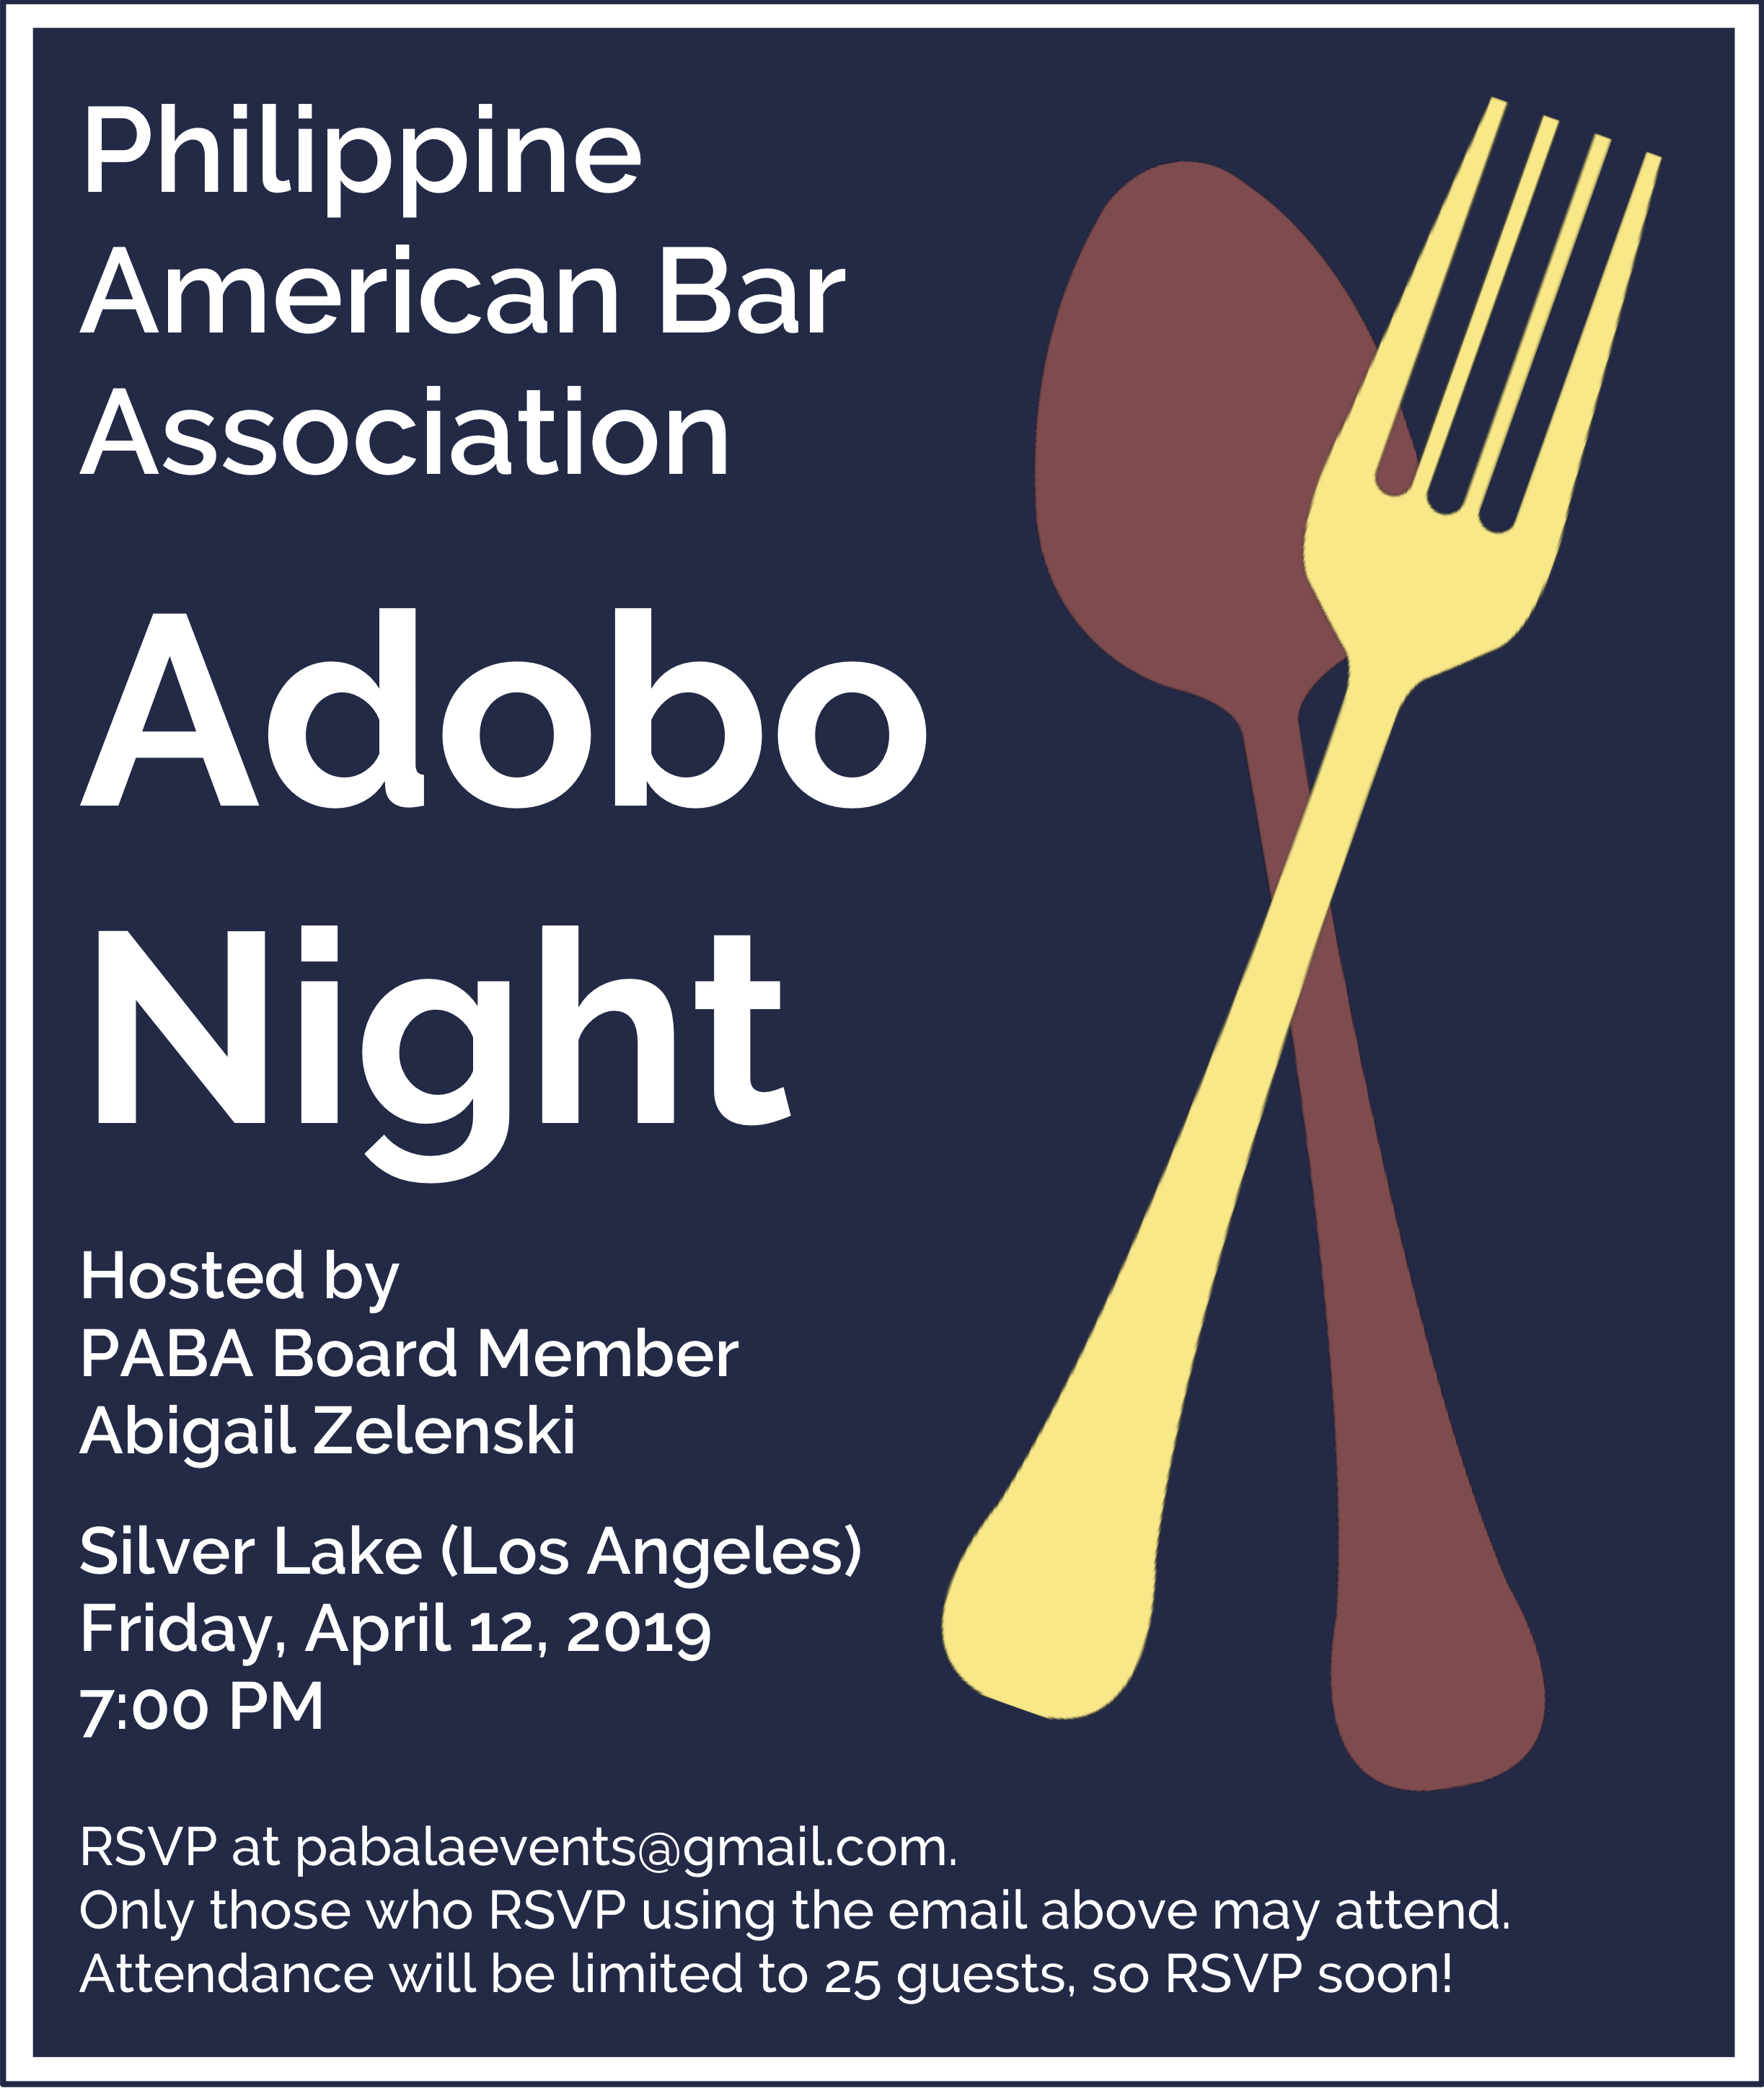 April 12 – Adobo Night in Silver Lake